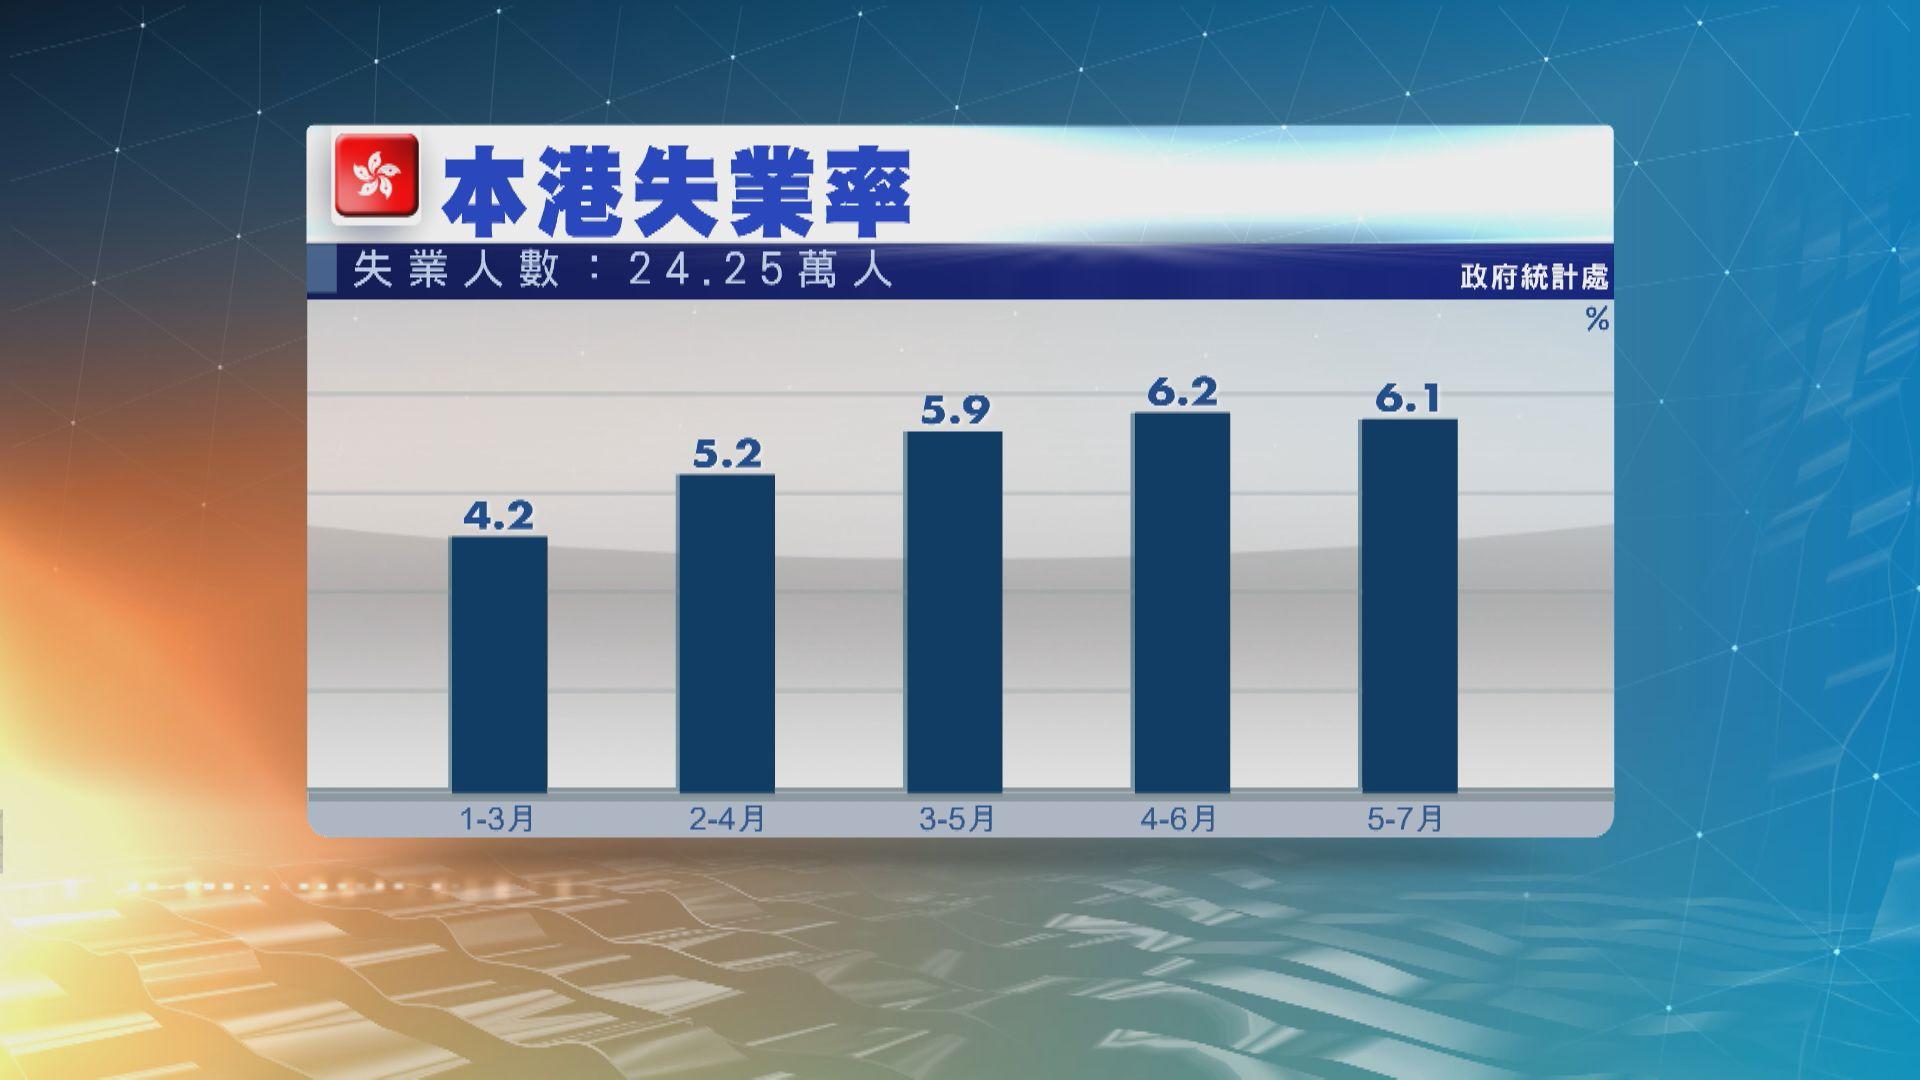 本港最新失業率回落至百分之6.1 逾24萬人失業